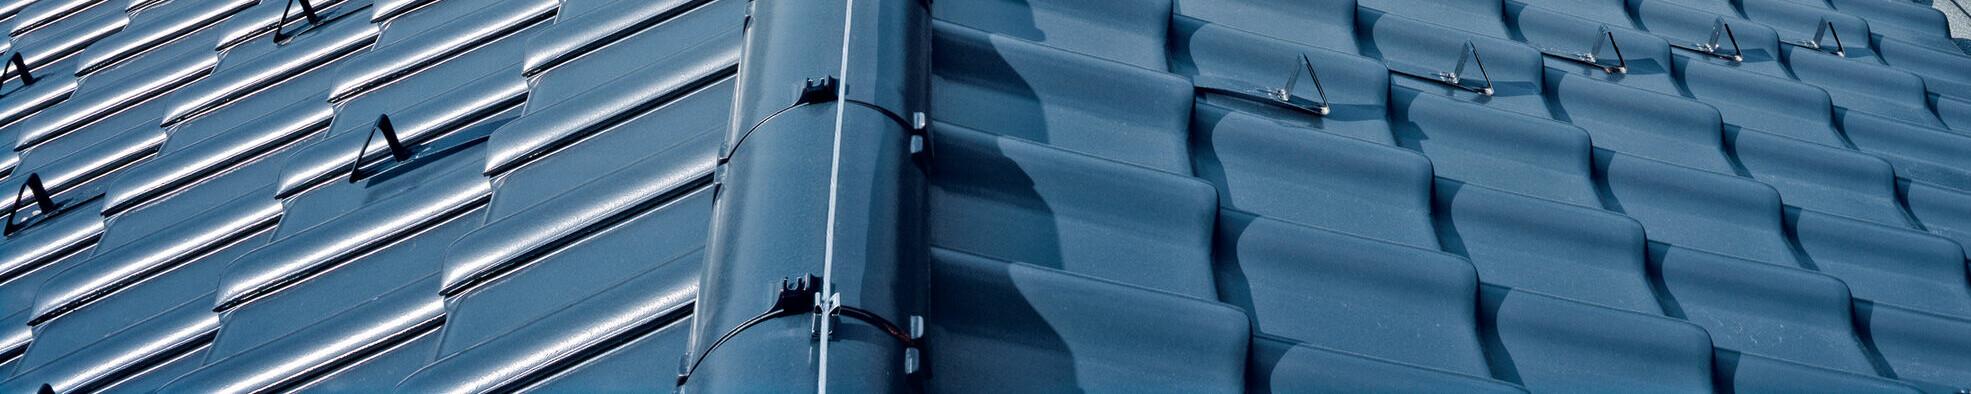 BALANCE - Velkoformátová taška s vlnou.